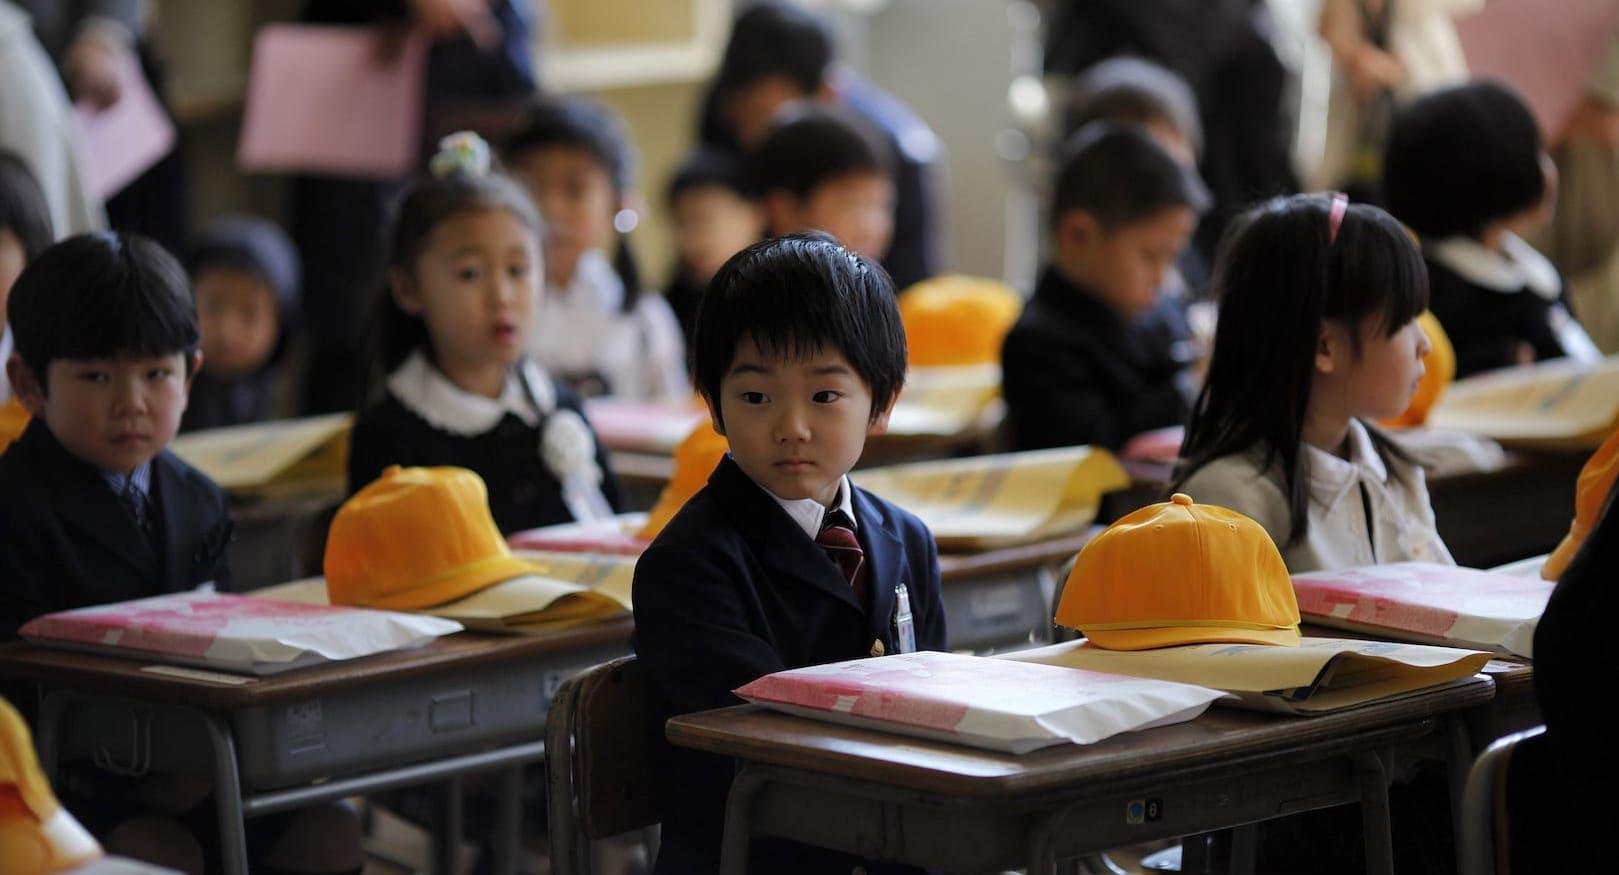 اليابان تستعد لاستئناف الدراسة في المناطق الخالية من كورونا